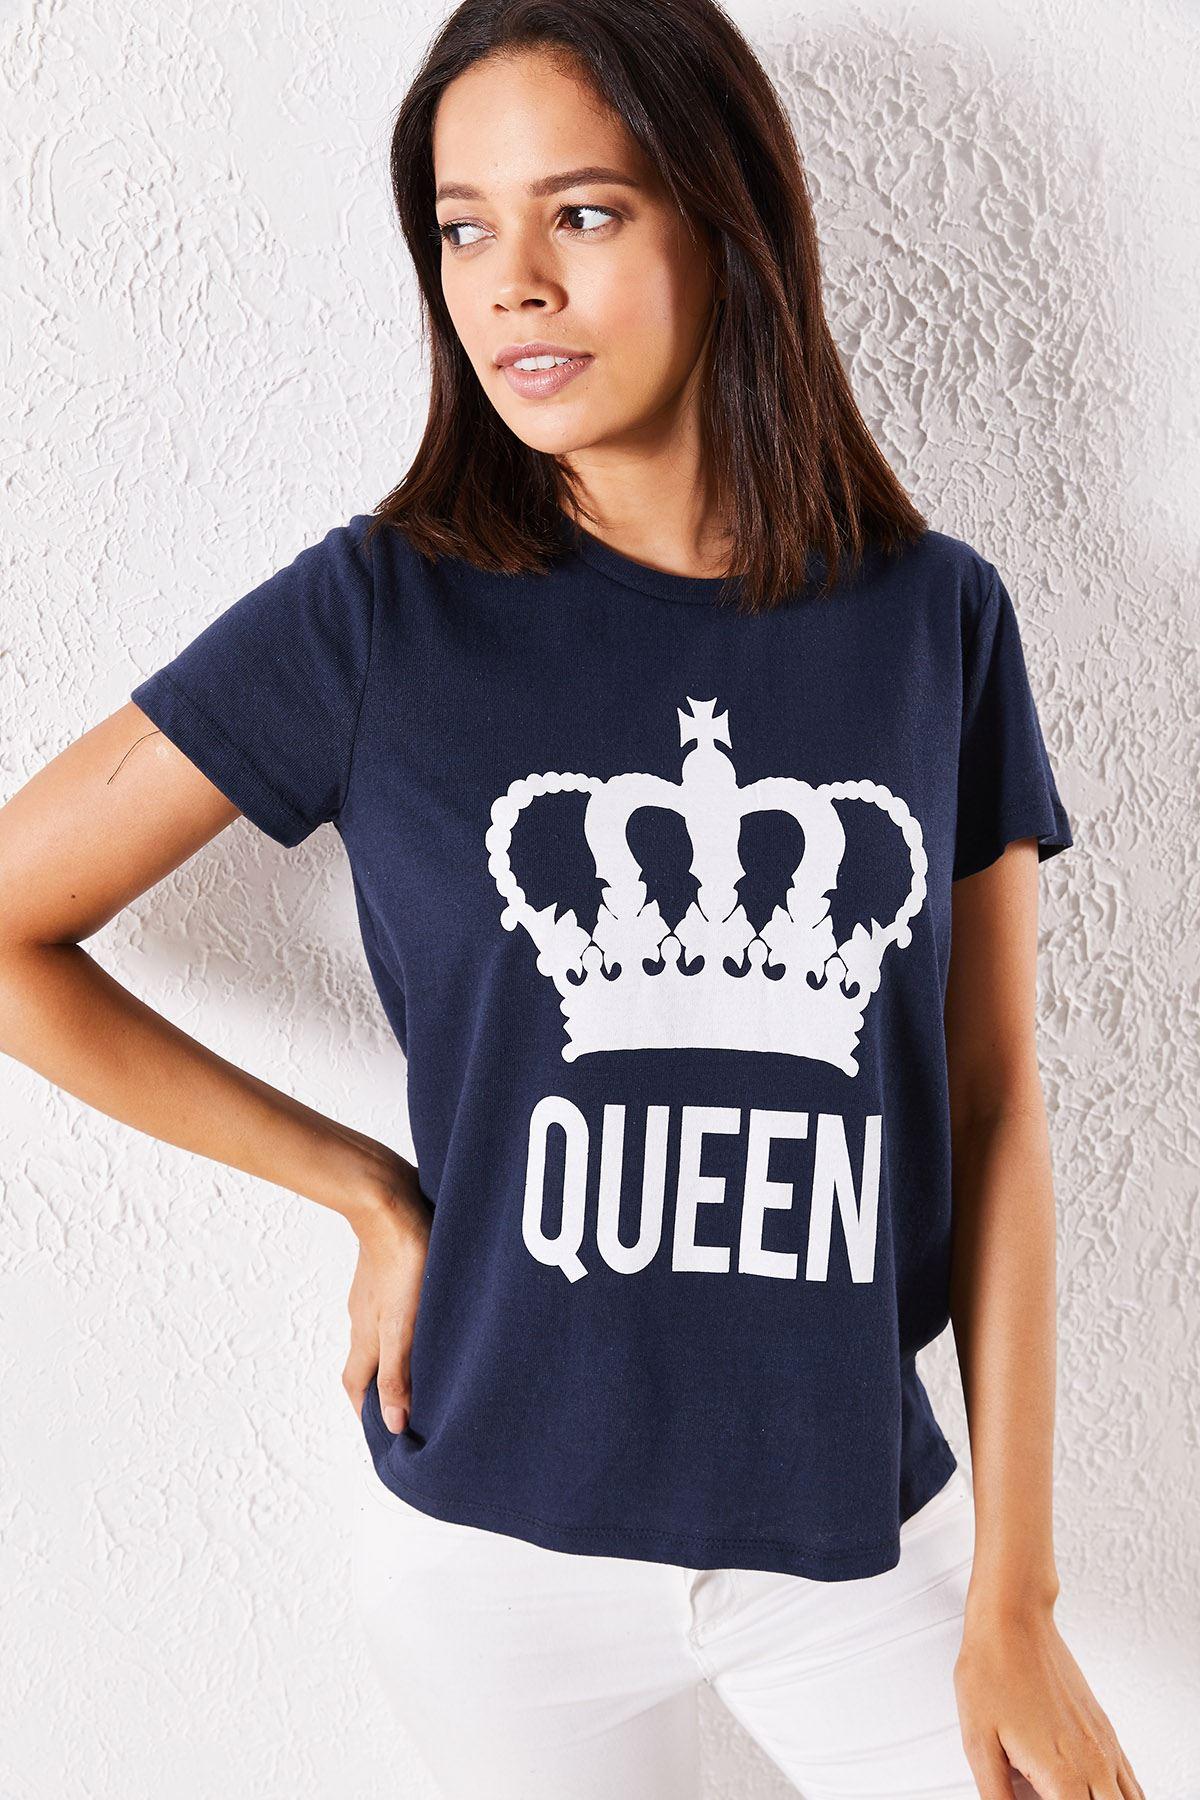 Kadın Eşli Queen Baskılı Lacivert Tişört